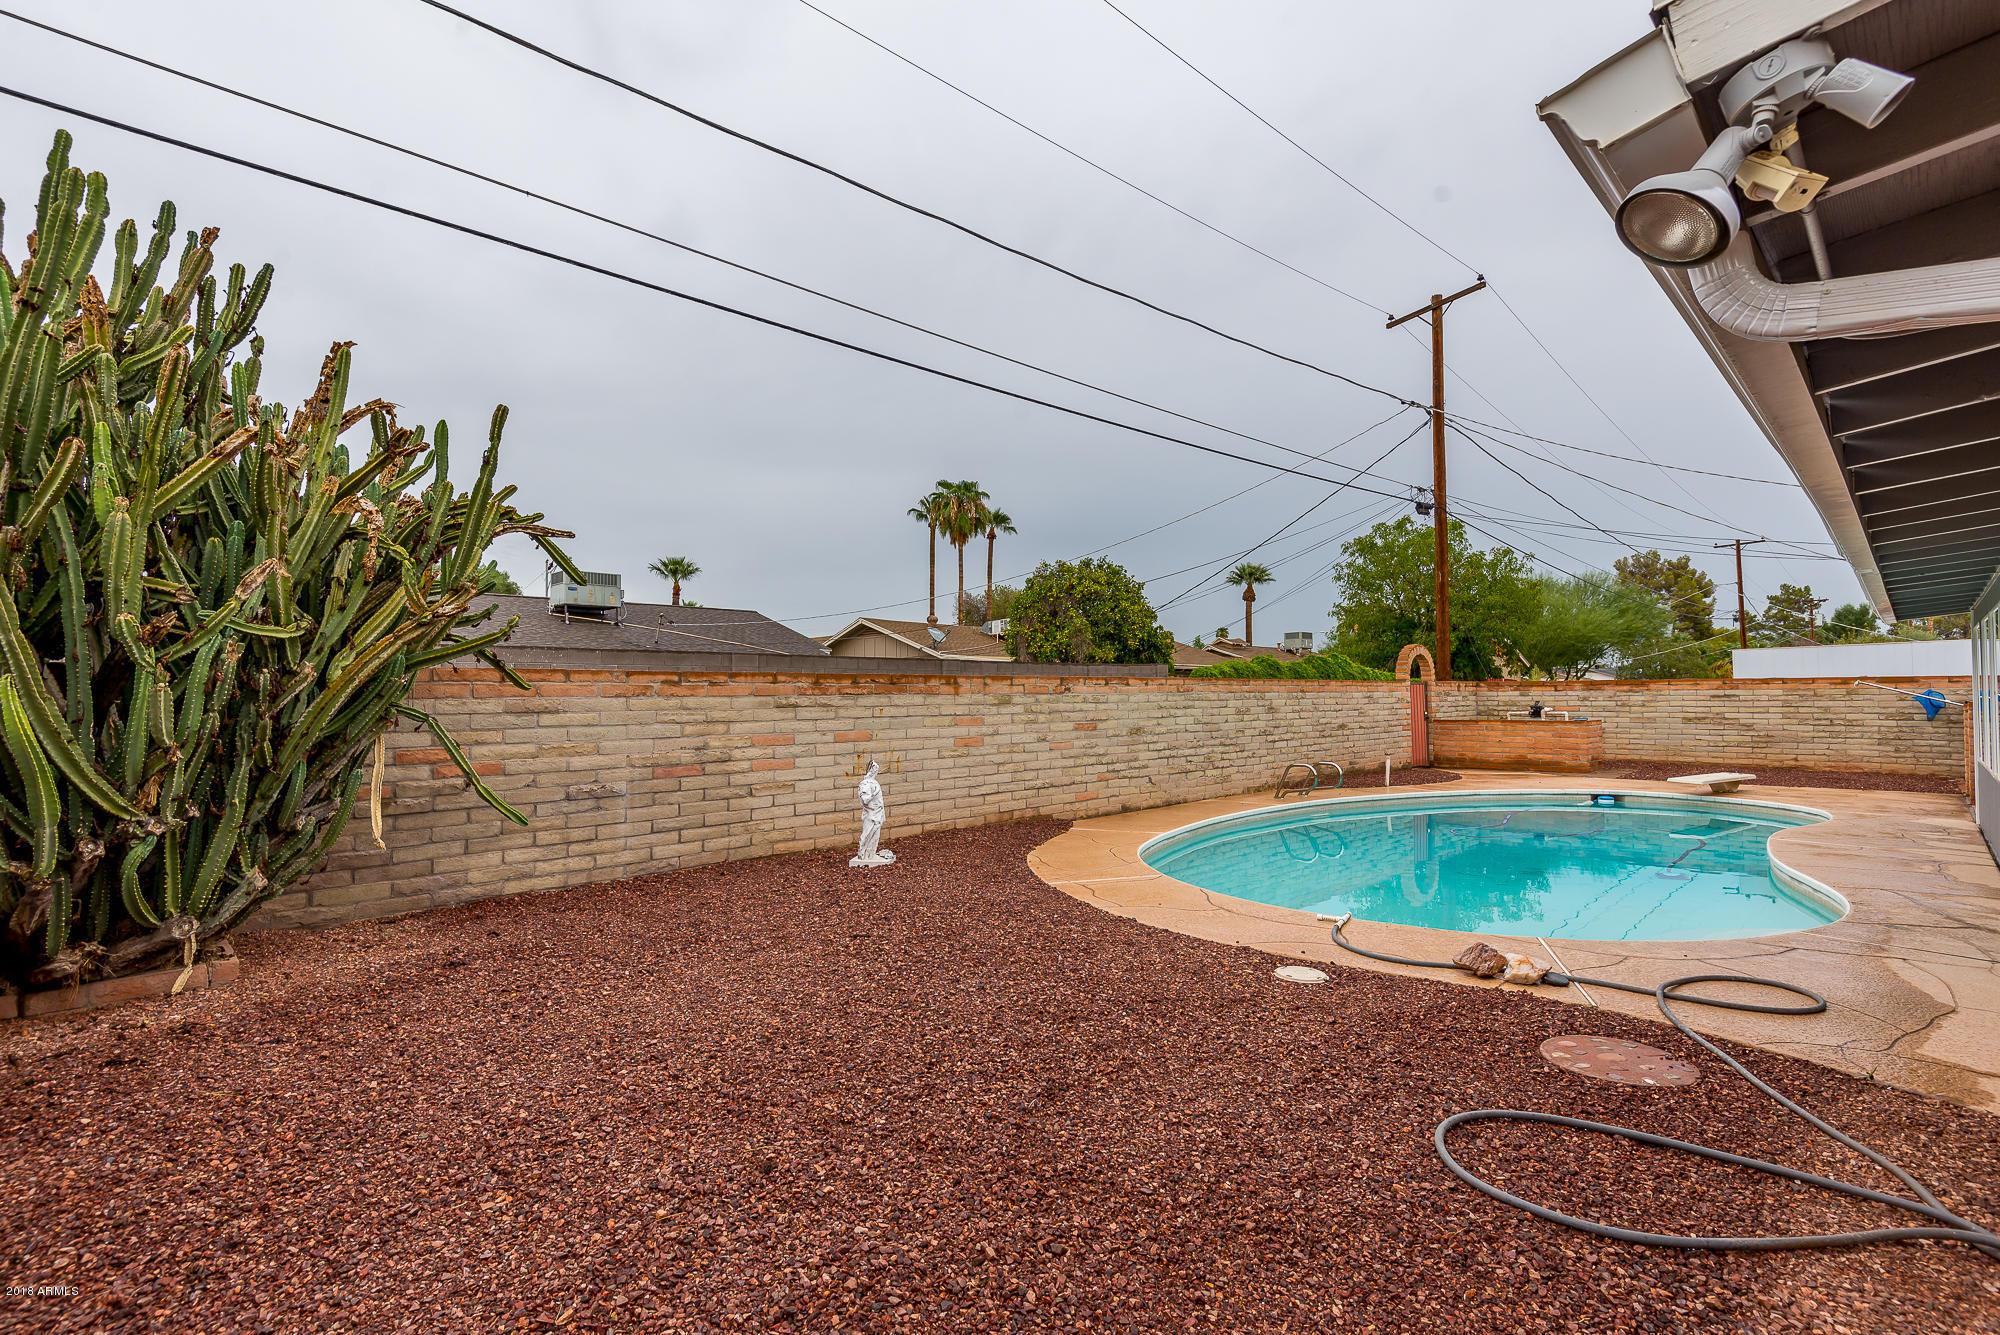 MLS 5824254 8310 E DEVONSHIRE Avenue, Scottsdale, AZ 85251 Scottsdale AZ Scottsdale Estates